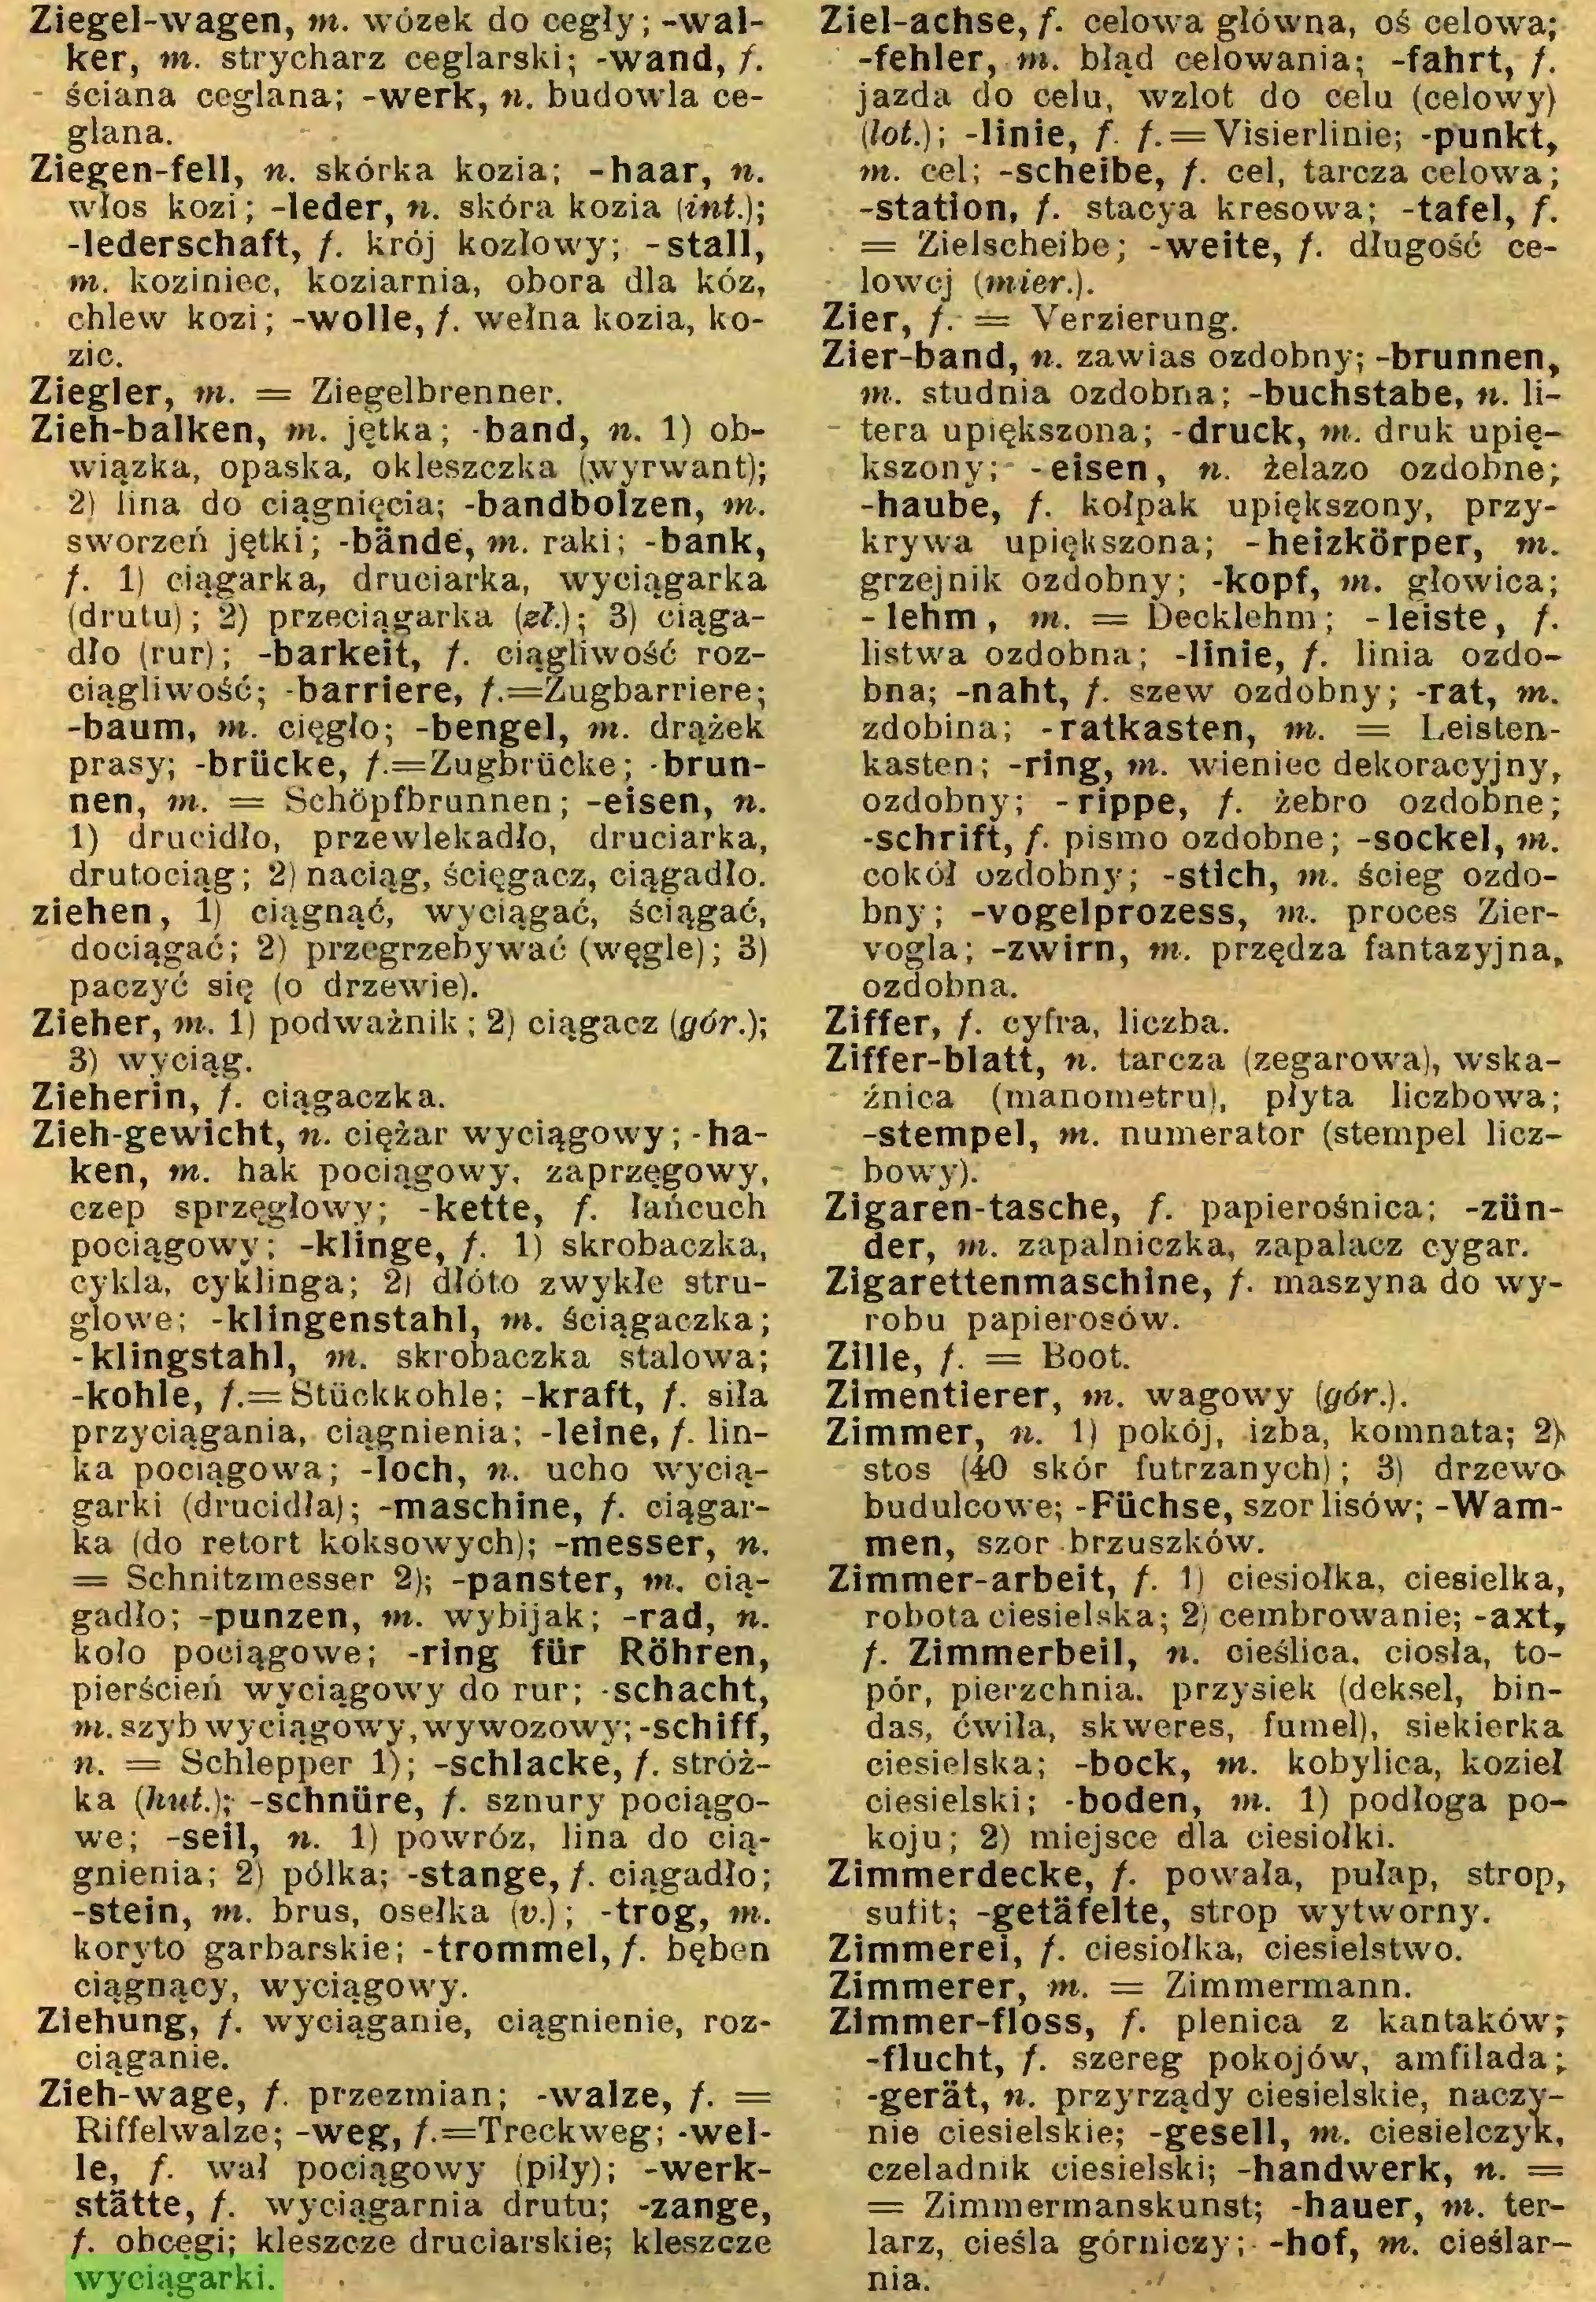 (...) Zieh-wage, /. przezmian; -walze, /. = Riffelwalze; -weg, /.=Treckweg; -welle, /. wał pociągowy (piły); -werkstätte, /. wyciągam i a drutu; -zange, /. obcęgi; kleszcze druciarskie; kleszcze wyciągarki. Ziel-achse, f. celowa główna, oś celowa; -fehler, ni. błąd celowania; -fahrt, /...